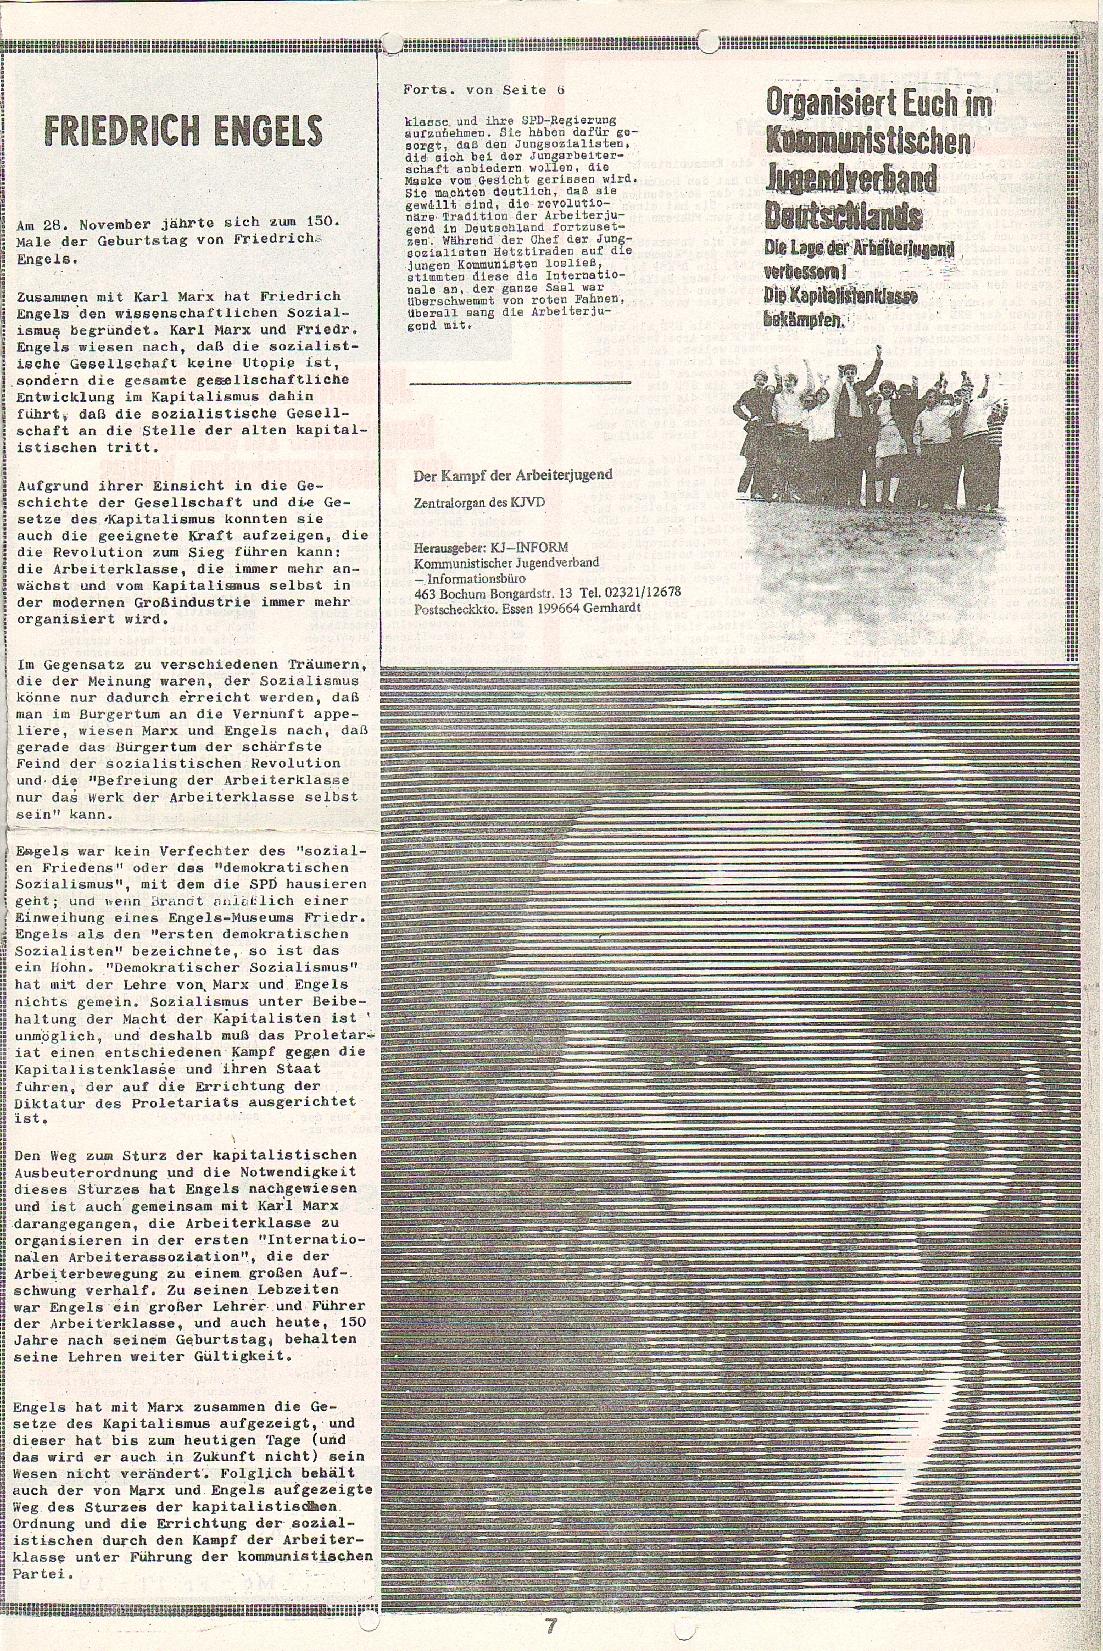 Rote Fahne, 1. Jg., 7.12.1970, Nr. 5, Seite 7